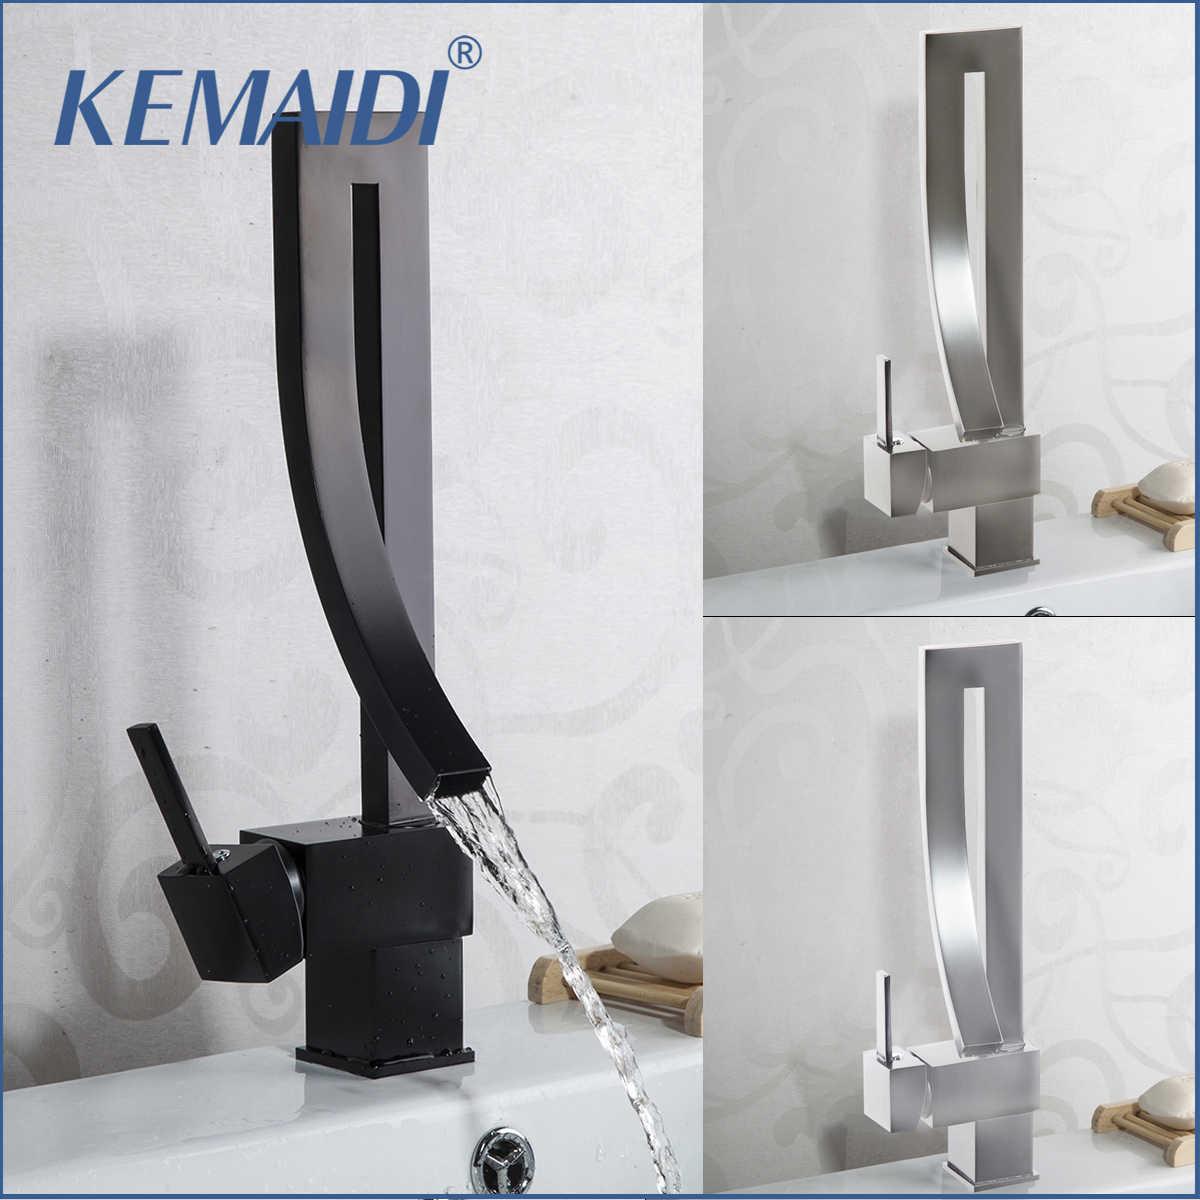 Kemaidi preto torneira da bacia de bronze único punho cachoeira bacia toque mixer quente & fria torneiras do banheiro pia cachoeira torneira dreno